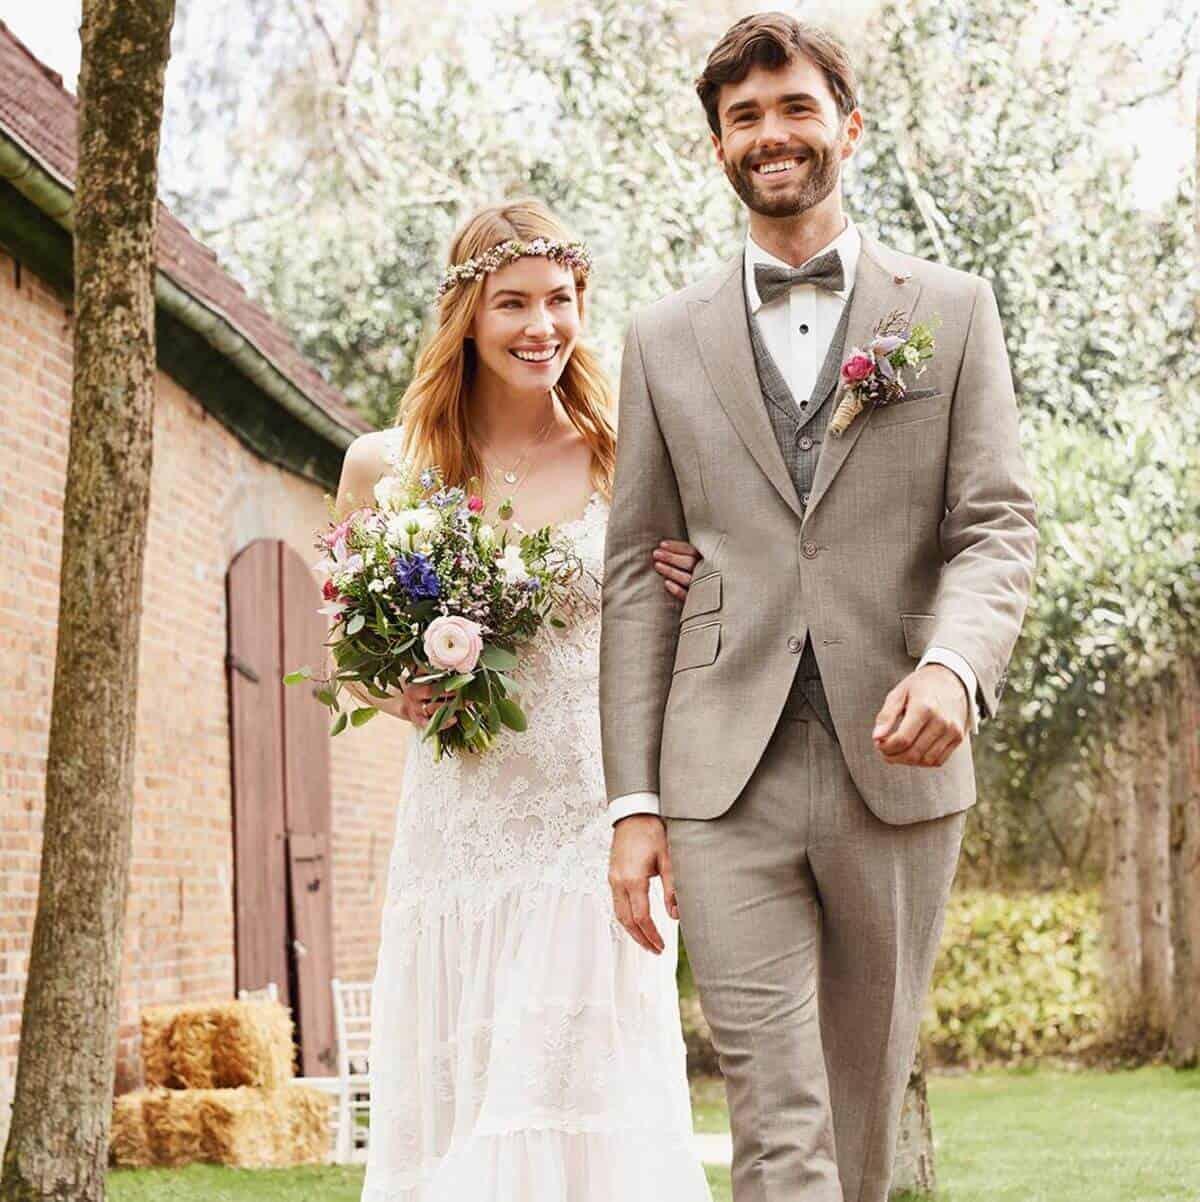 Studio Agnes - ženich ve svatebním obleku a nevěsta s kyticí